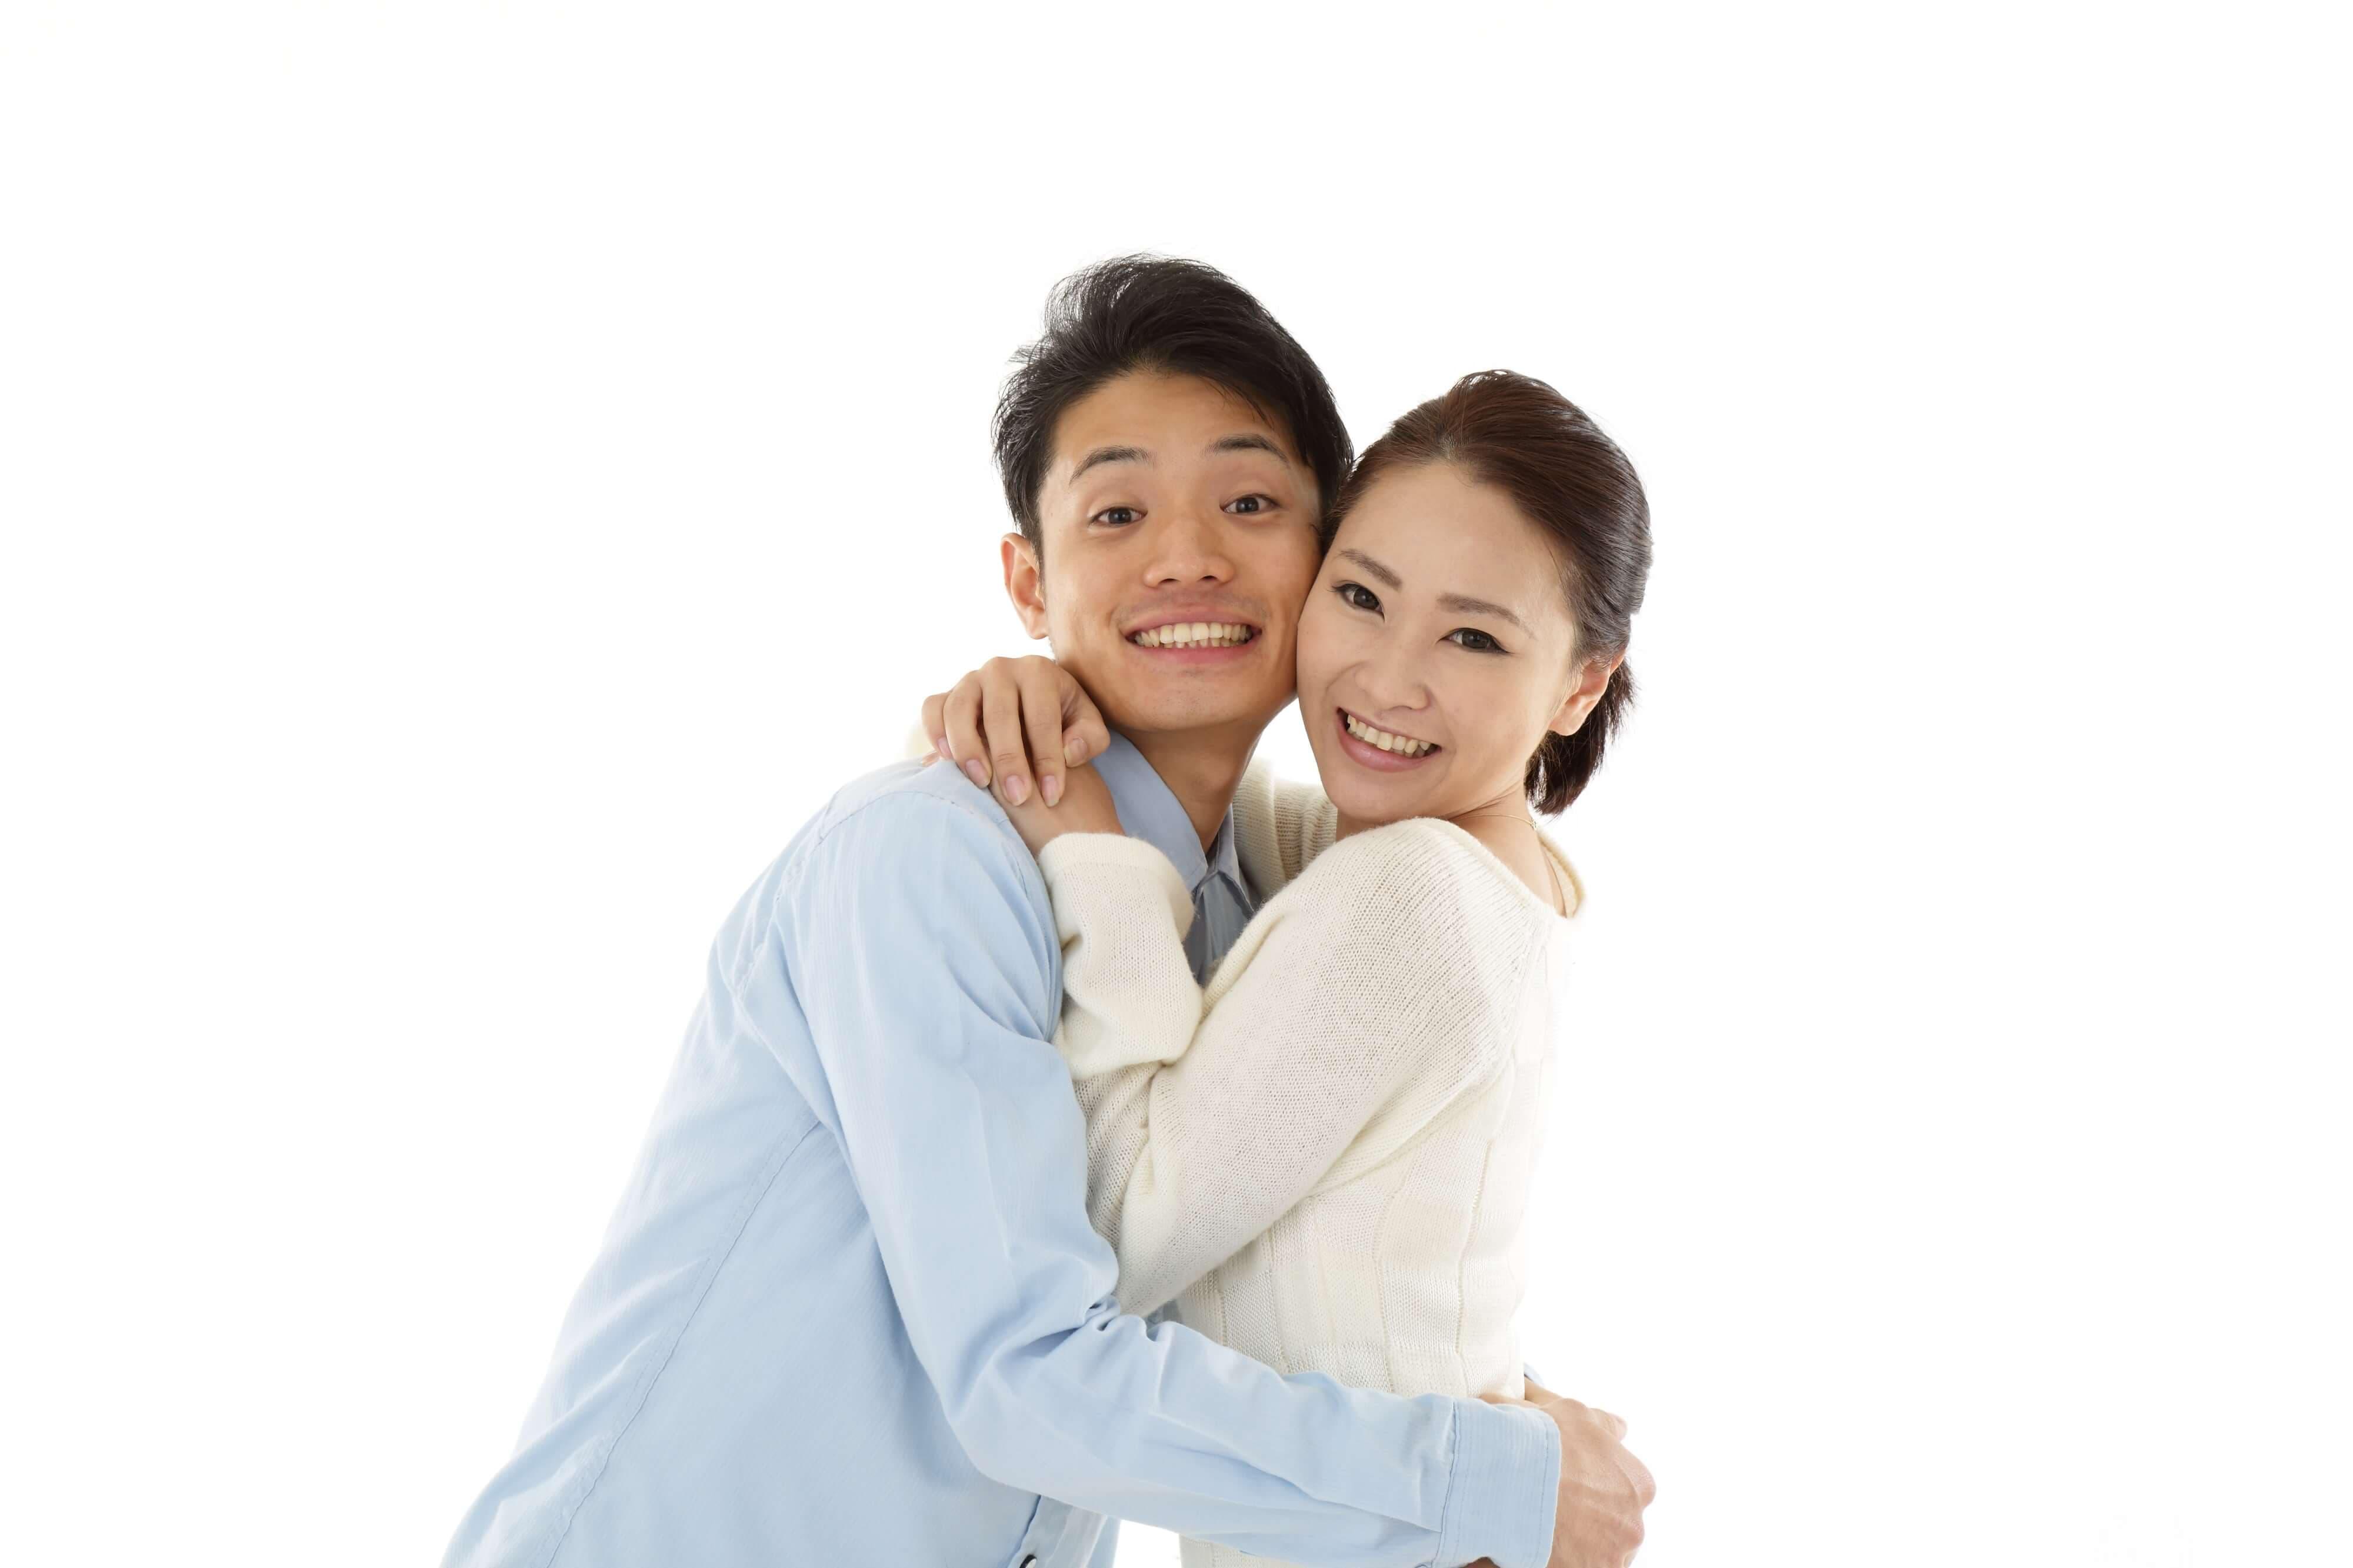 【男性編】夫の職場での妊娠報告の仕方とタイミング